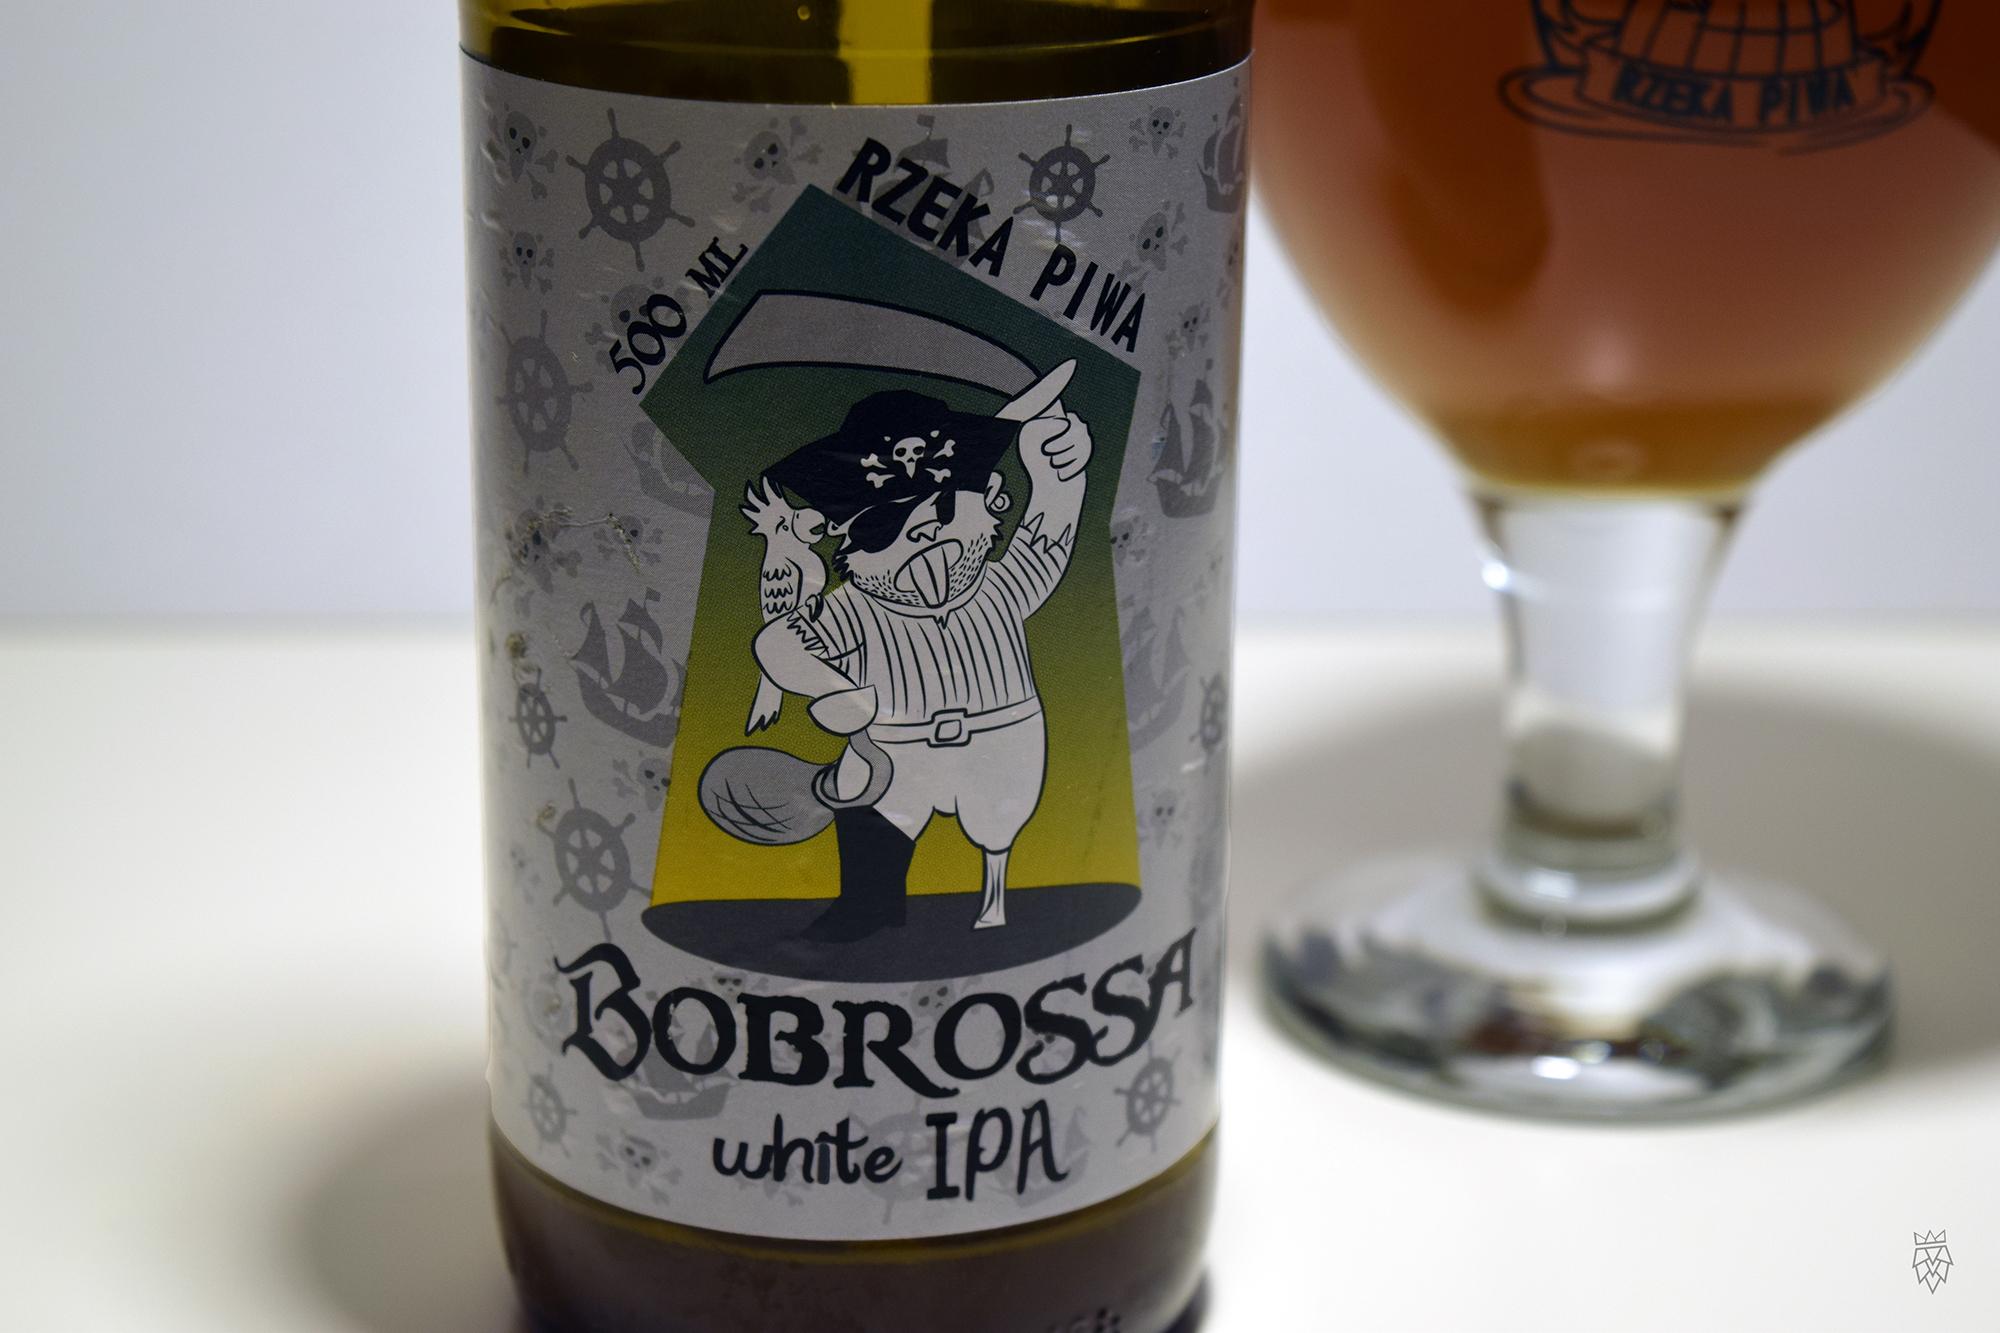 Bobrossa White IPA